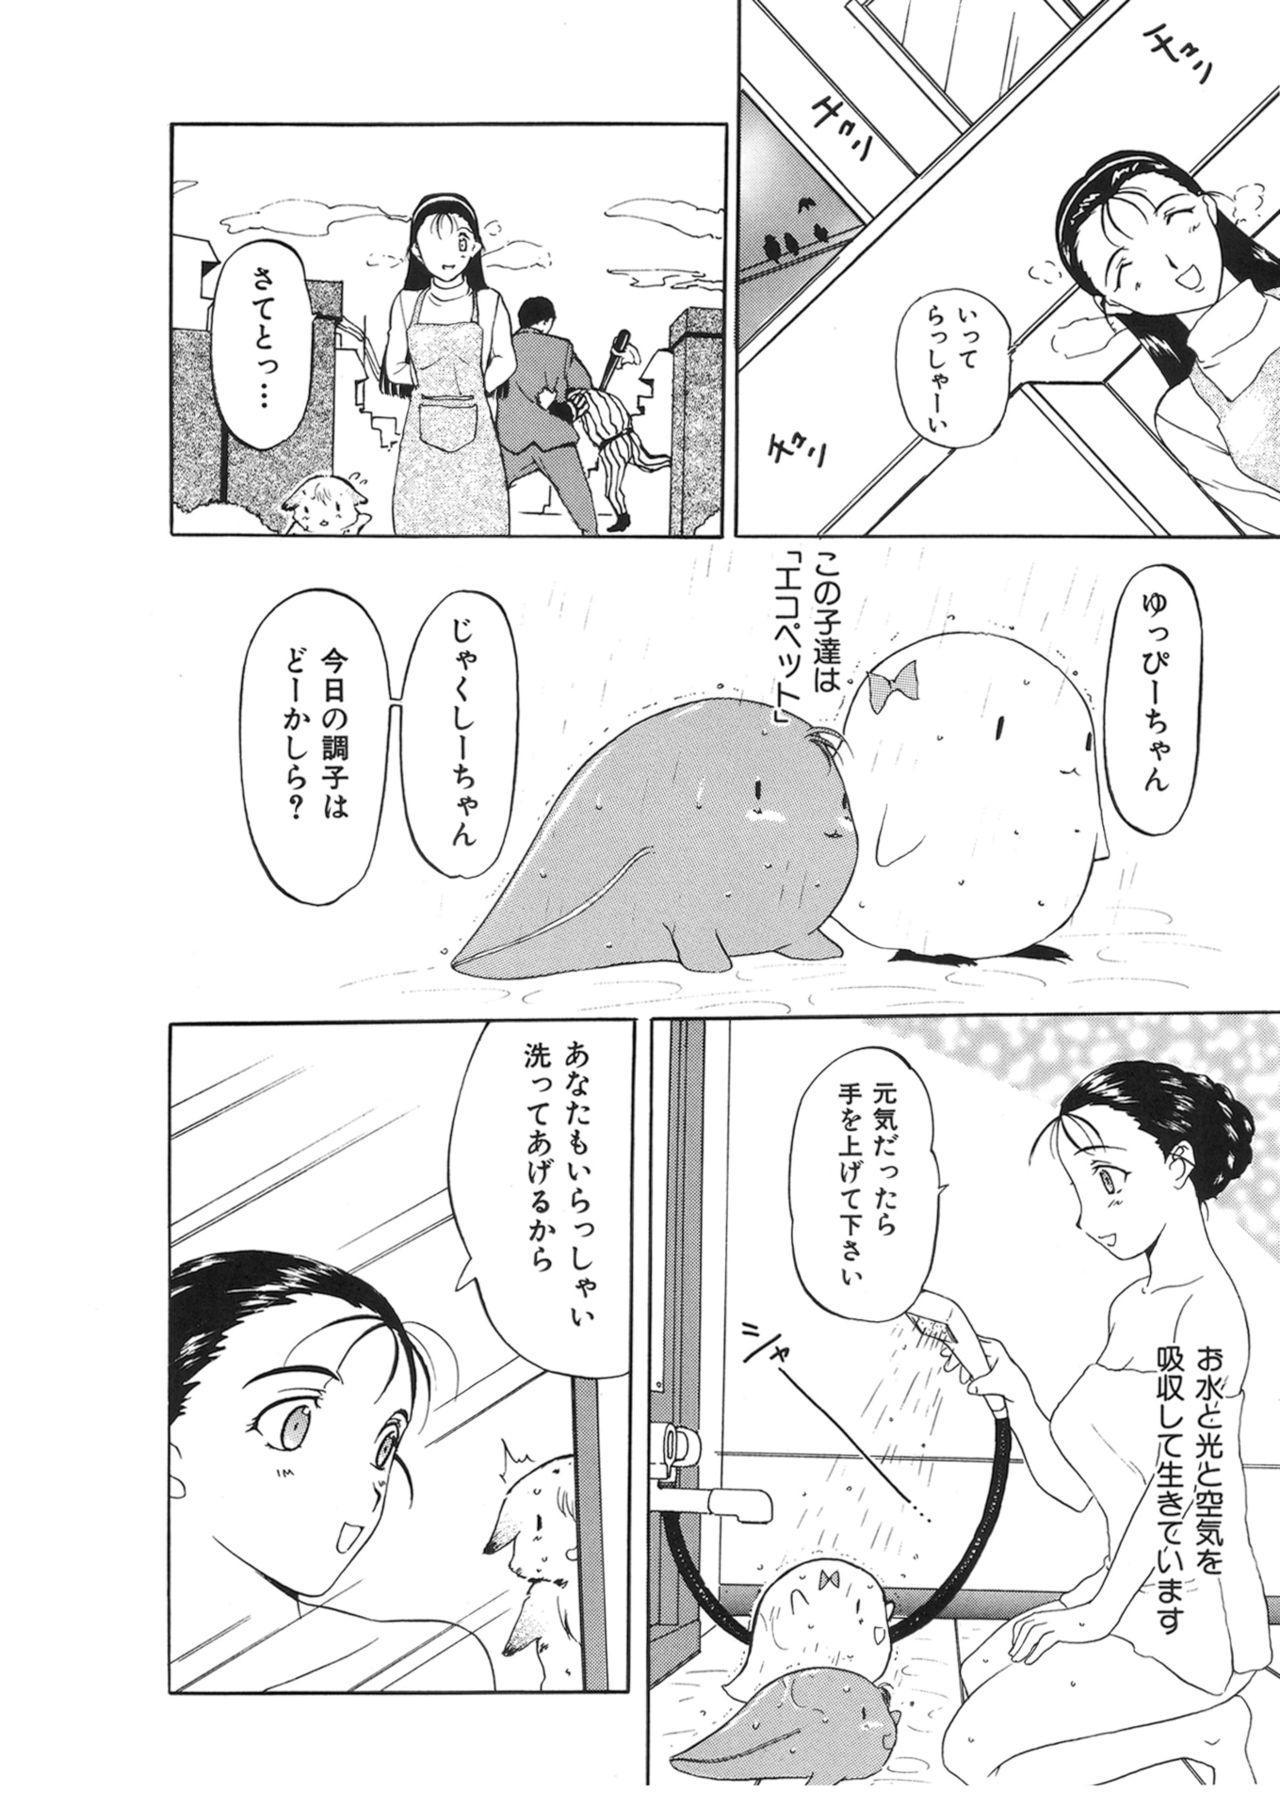 COMIC Kairakuten 25 Shuunen kinen tokubetsugou 71